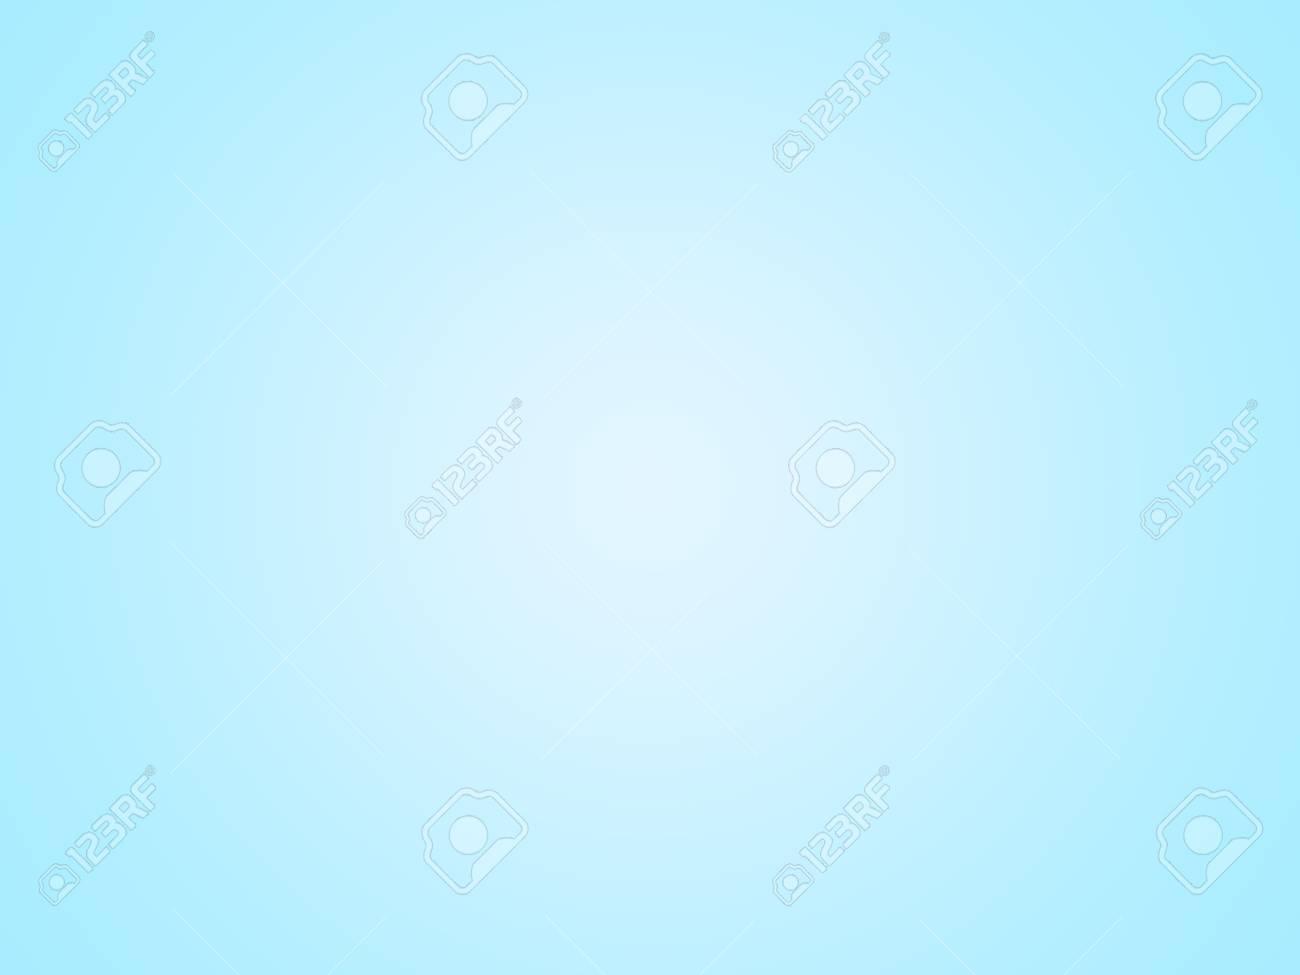 ブルー グラデーションの壁紙 の写真素材 画像素材 Image 51246226